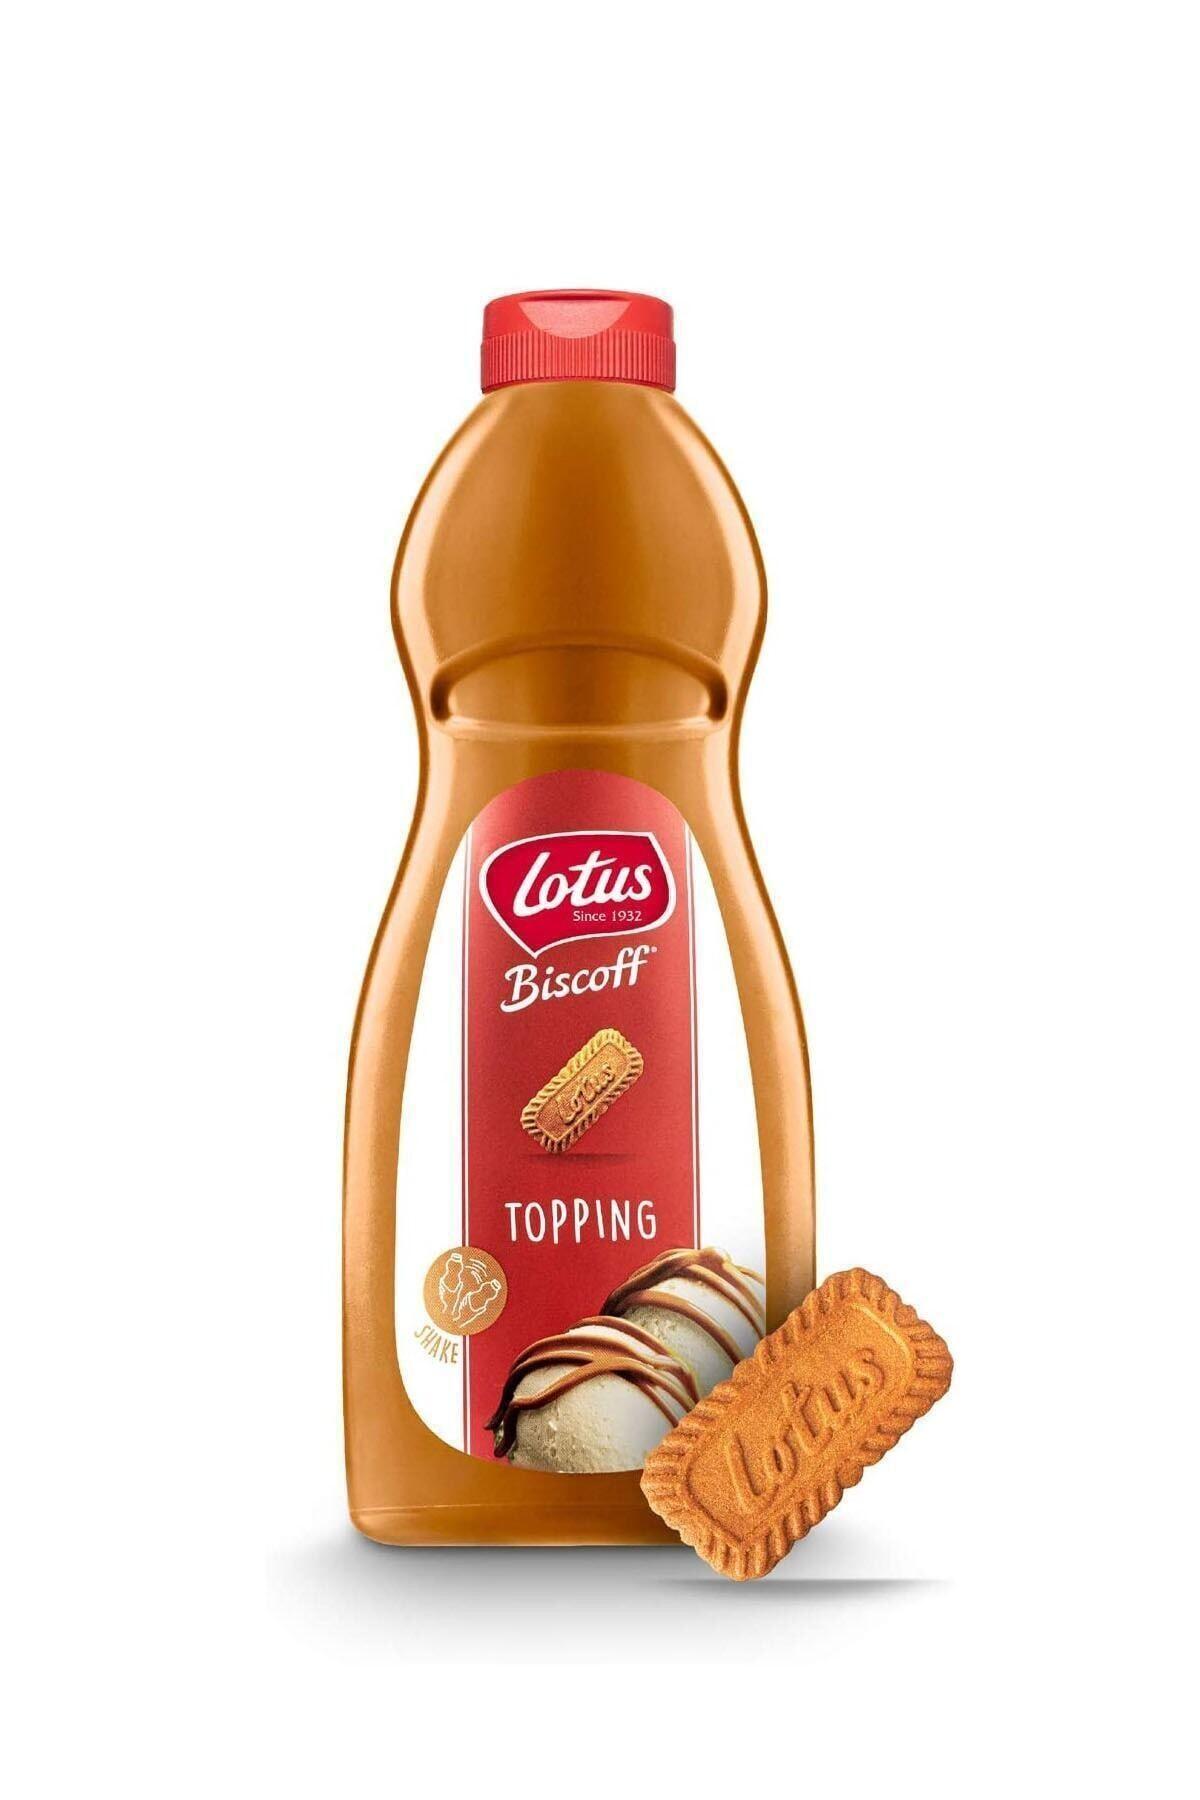 Lotus Biscoff Topping Sauce 1 Kg 1